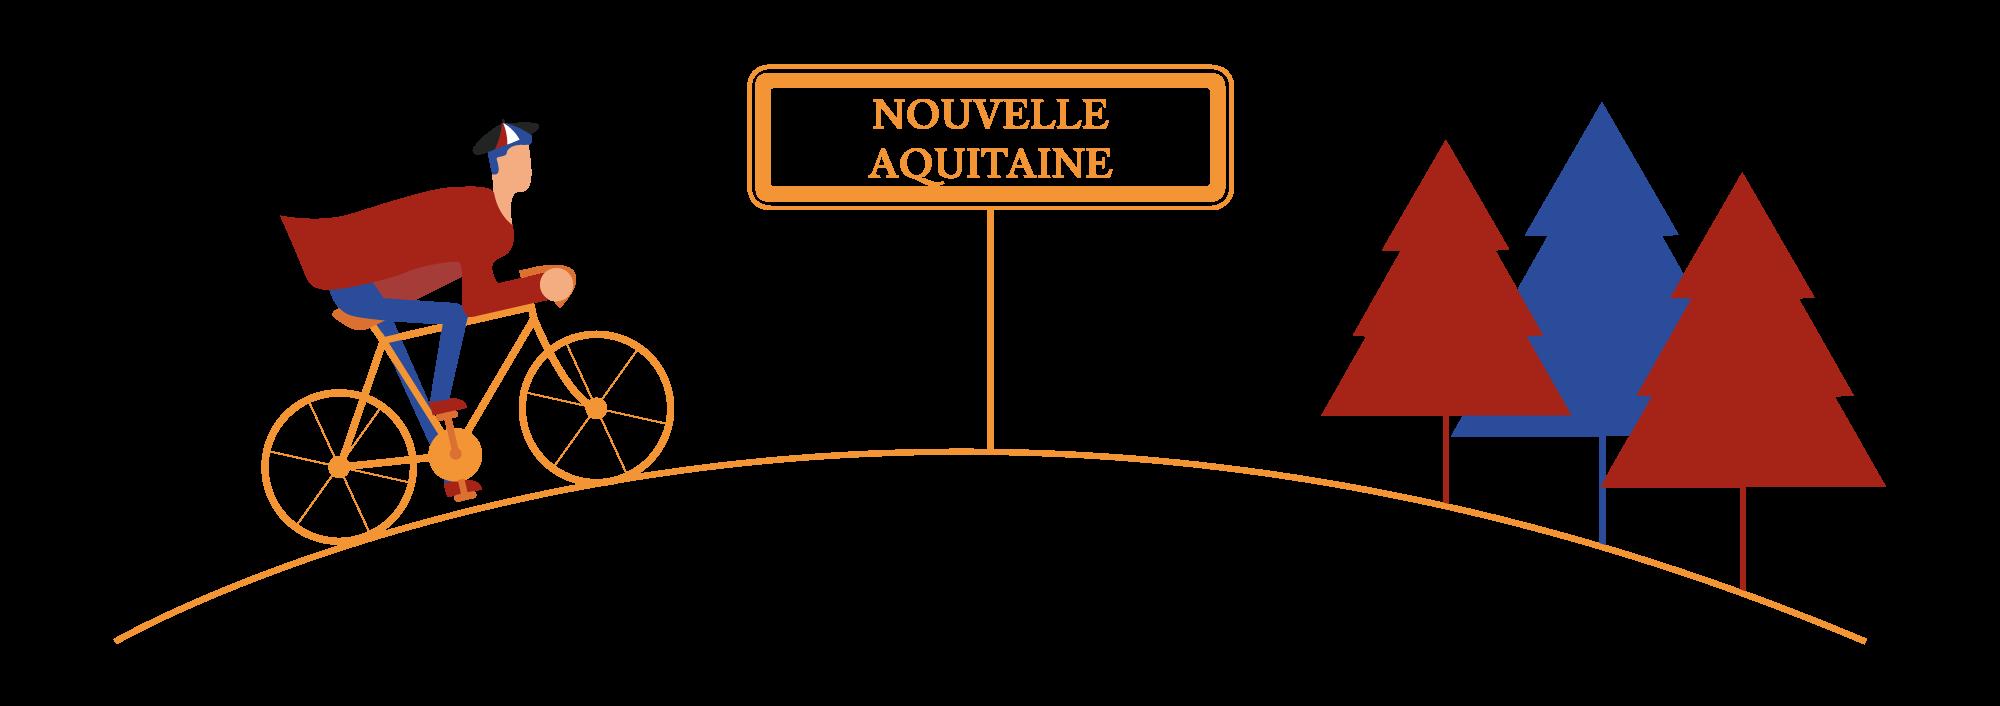 Spécialités de Nouvelle Aquitaine